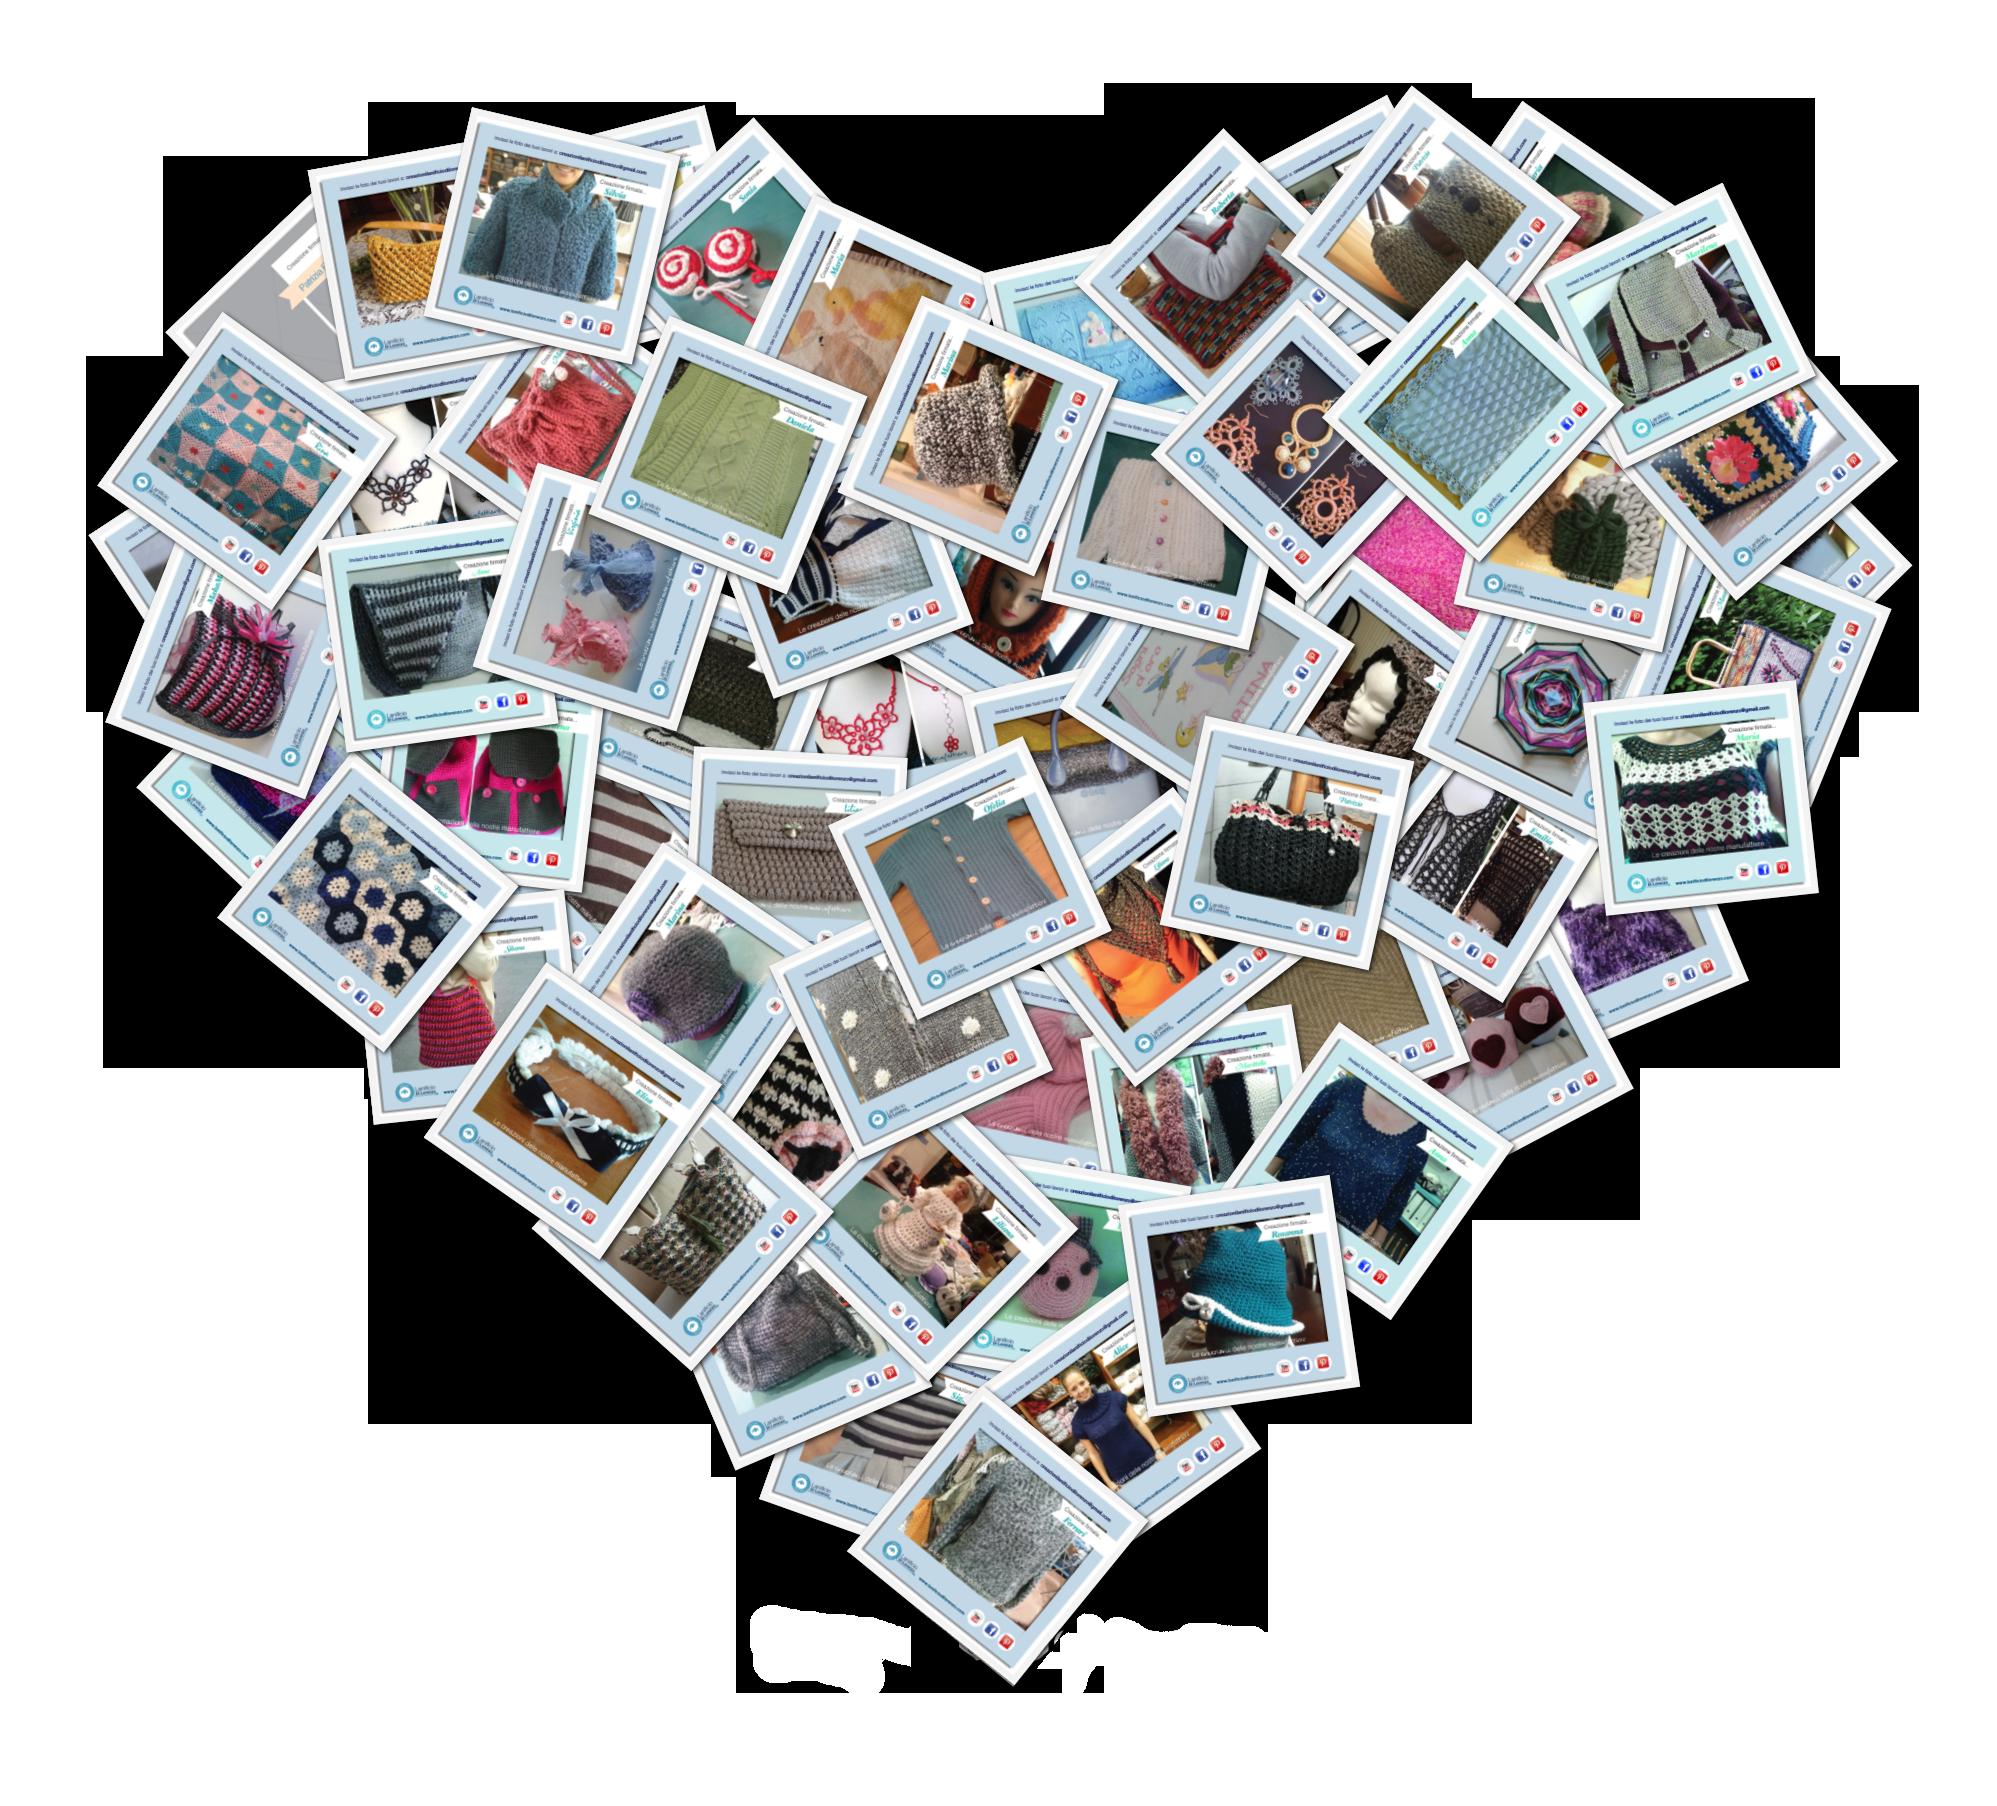 cuore creative